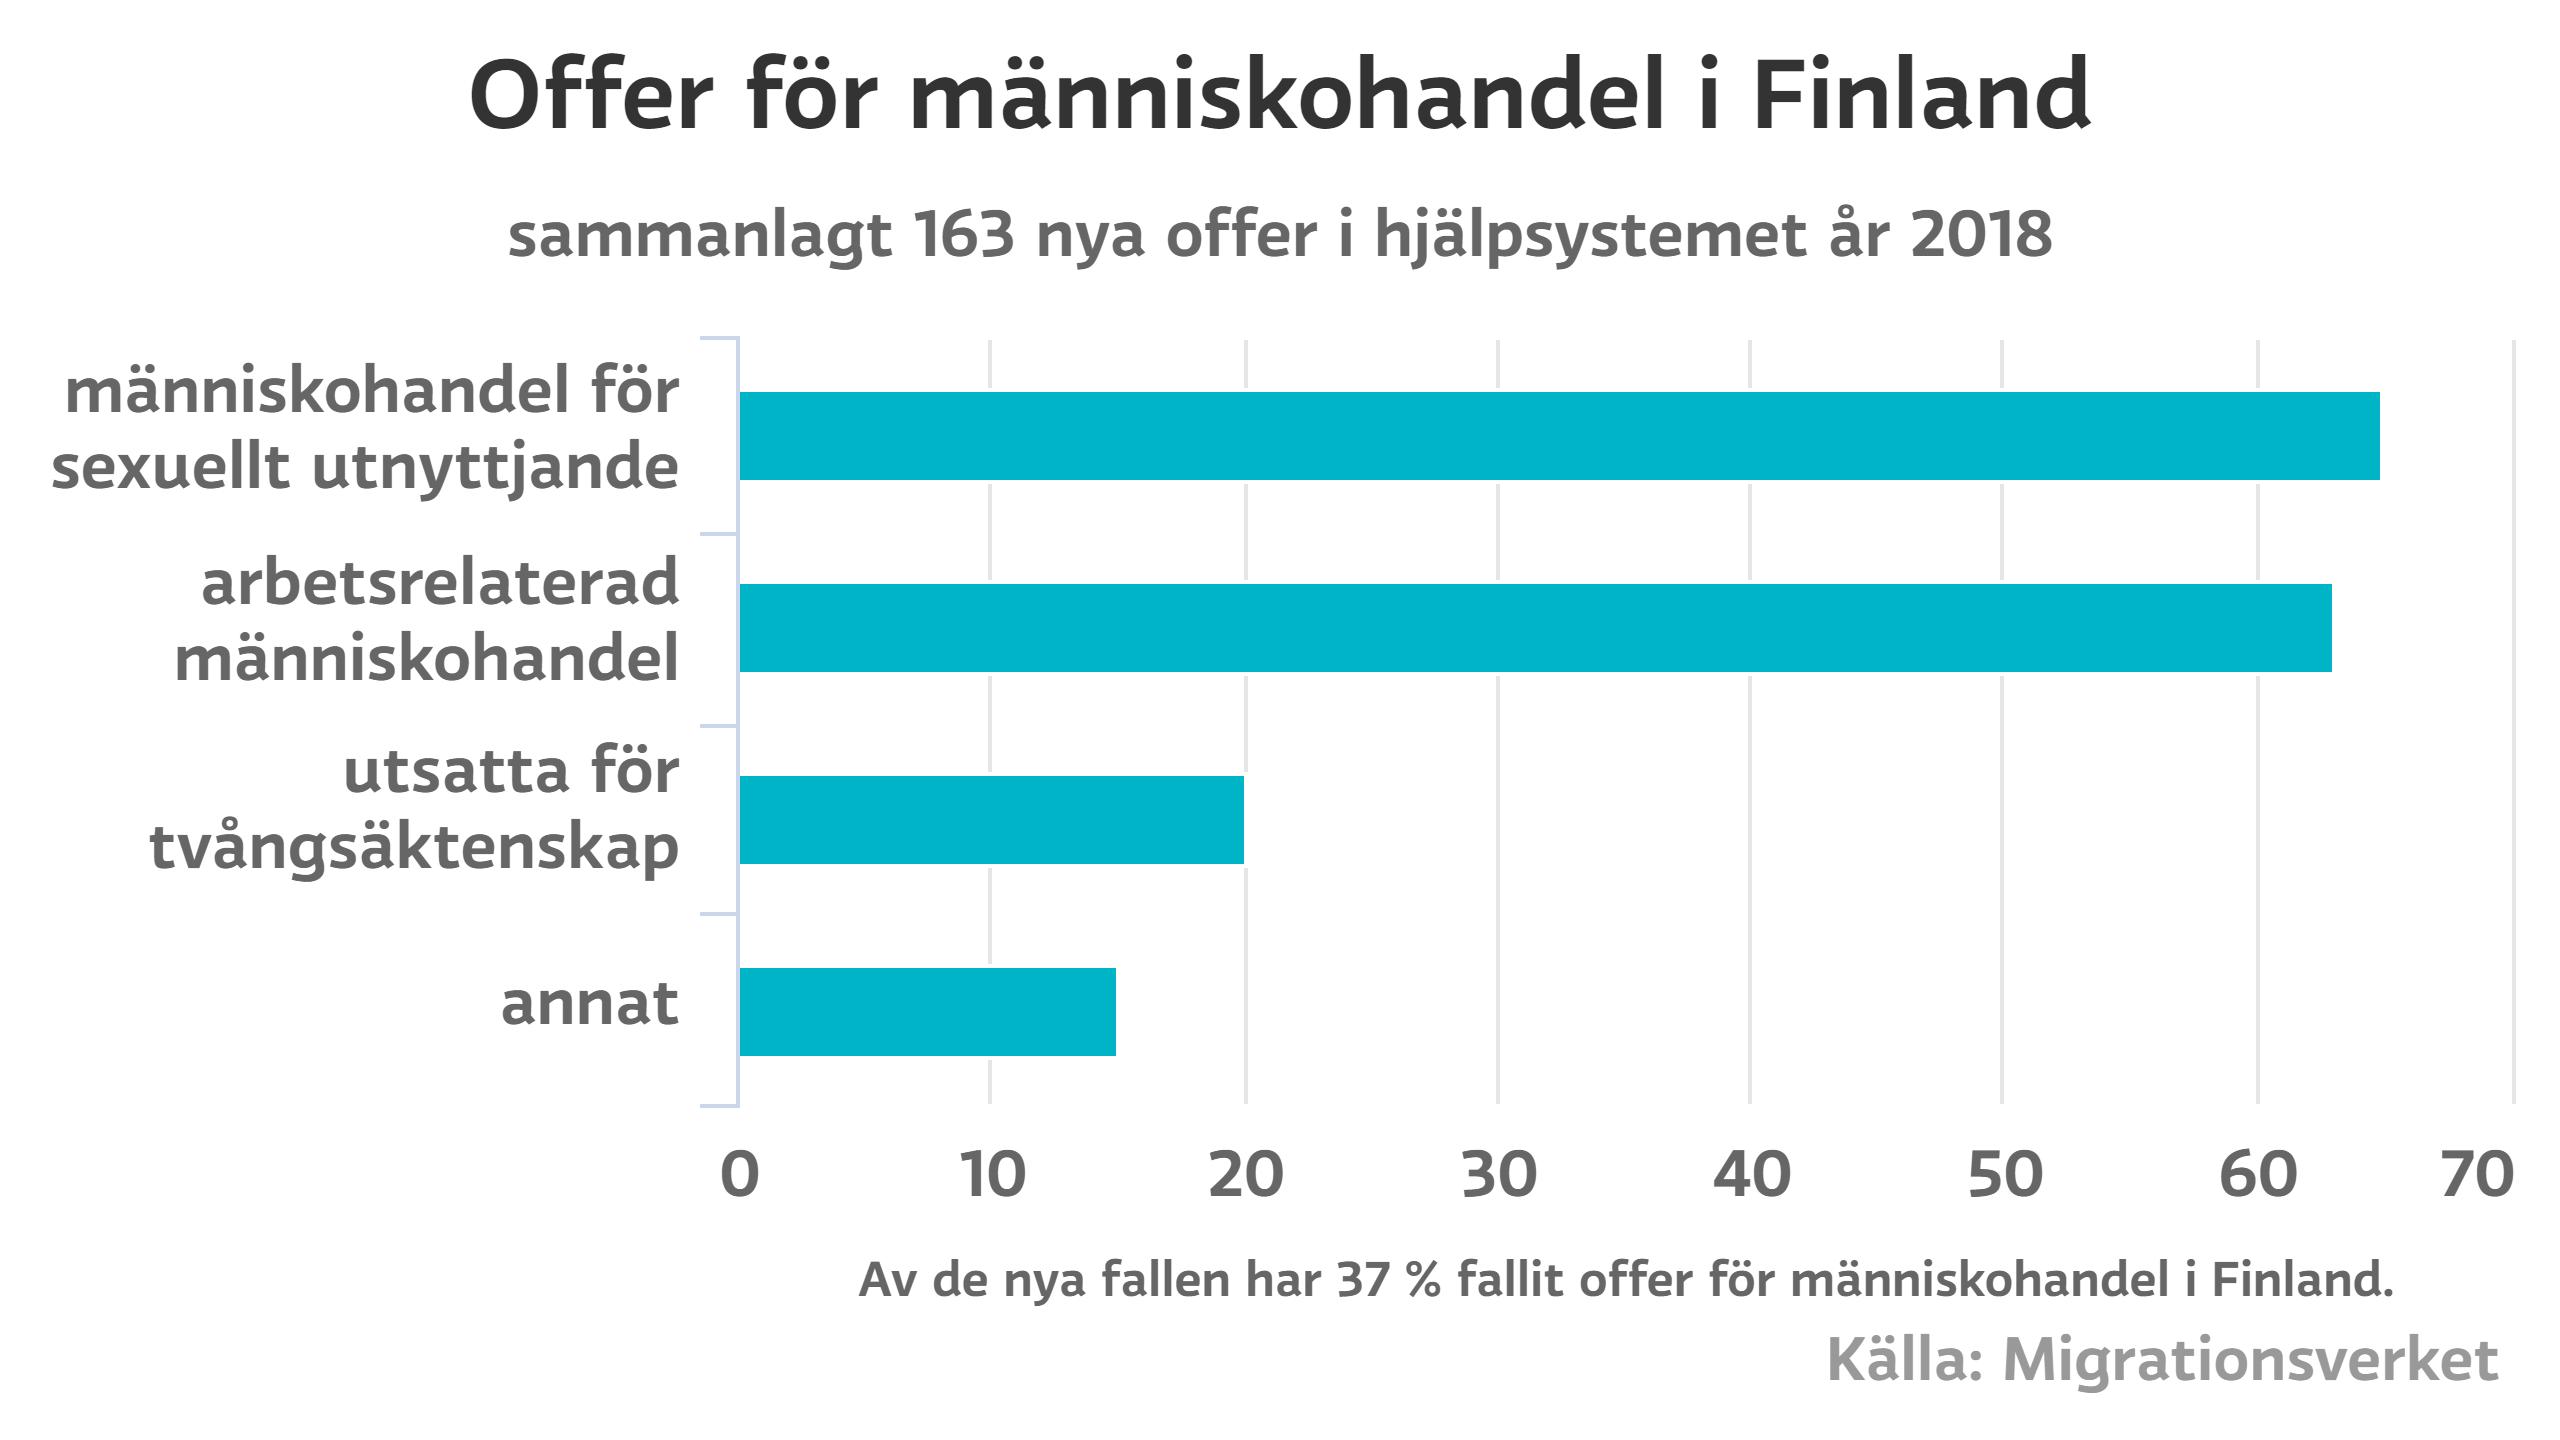 Offer för människohandel i Finland